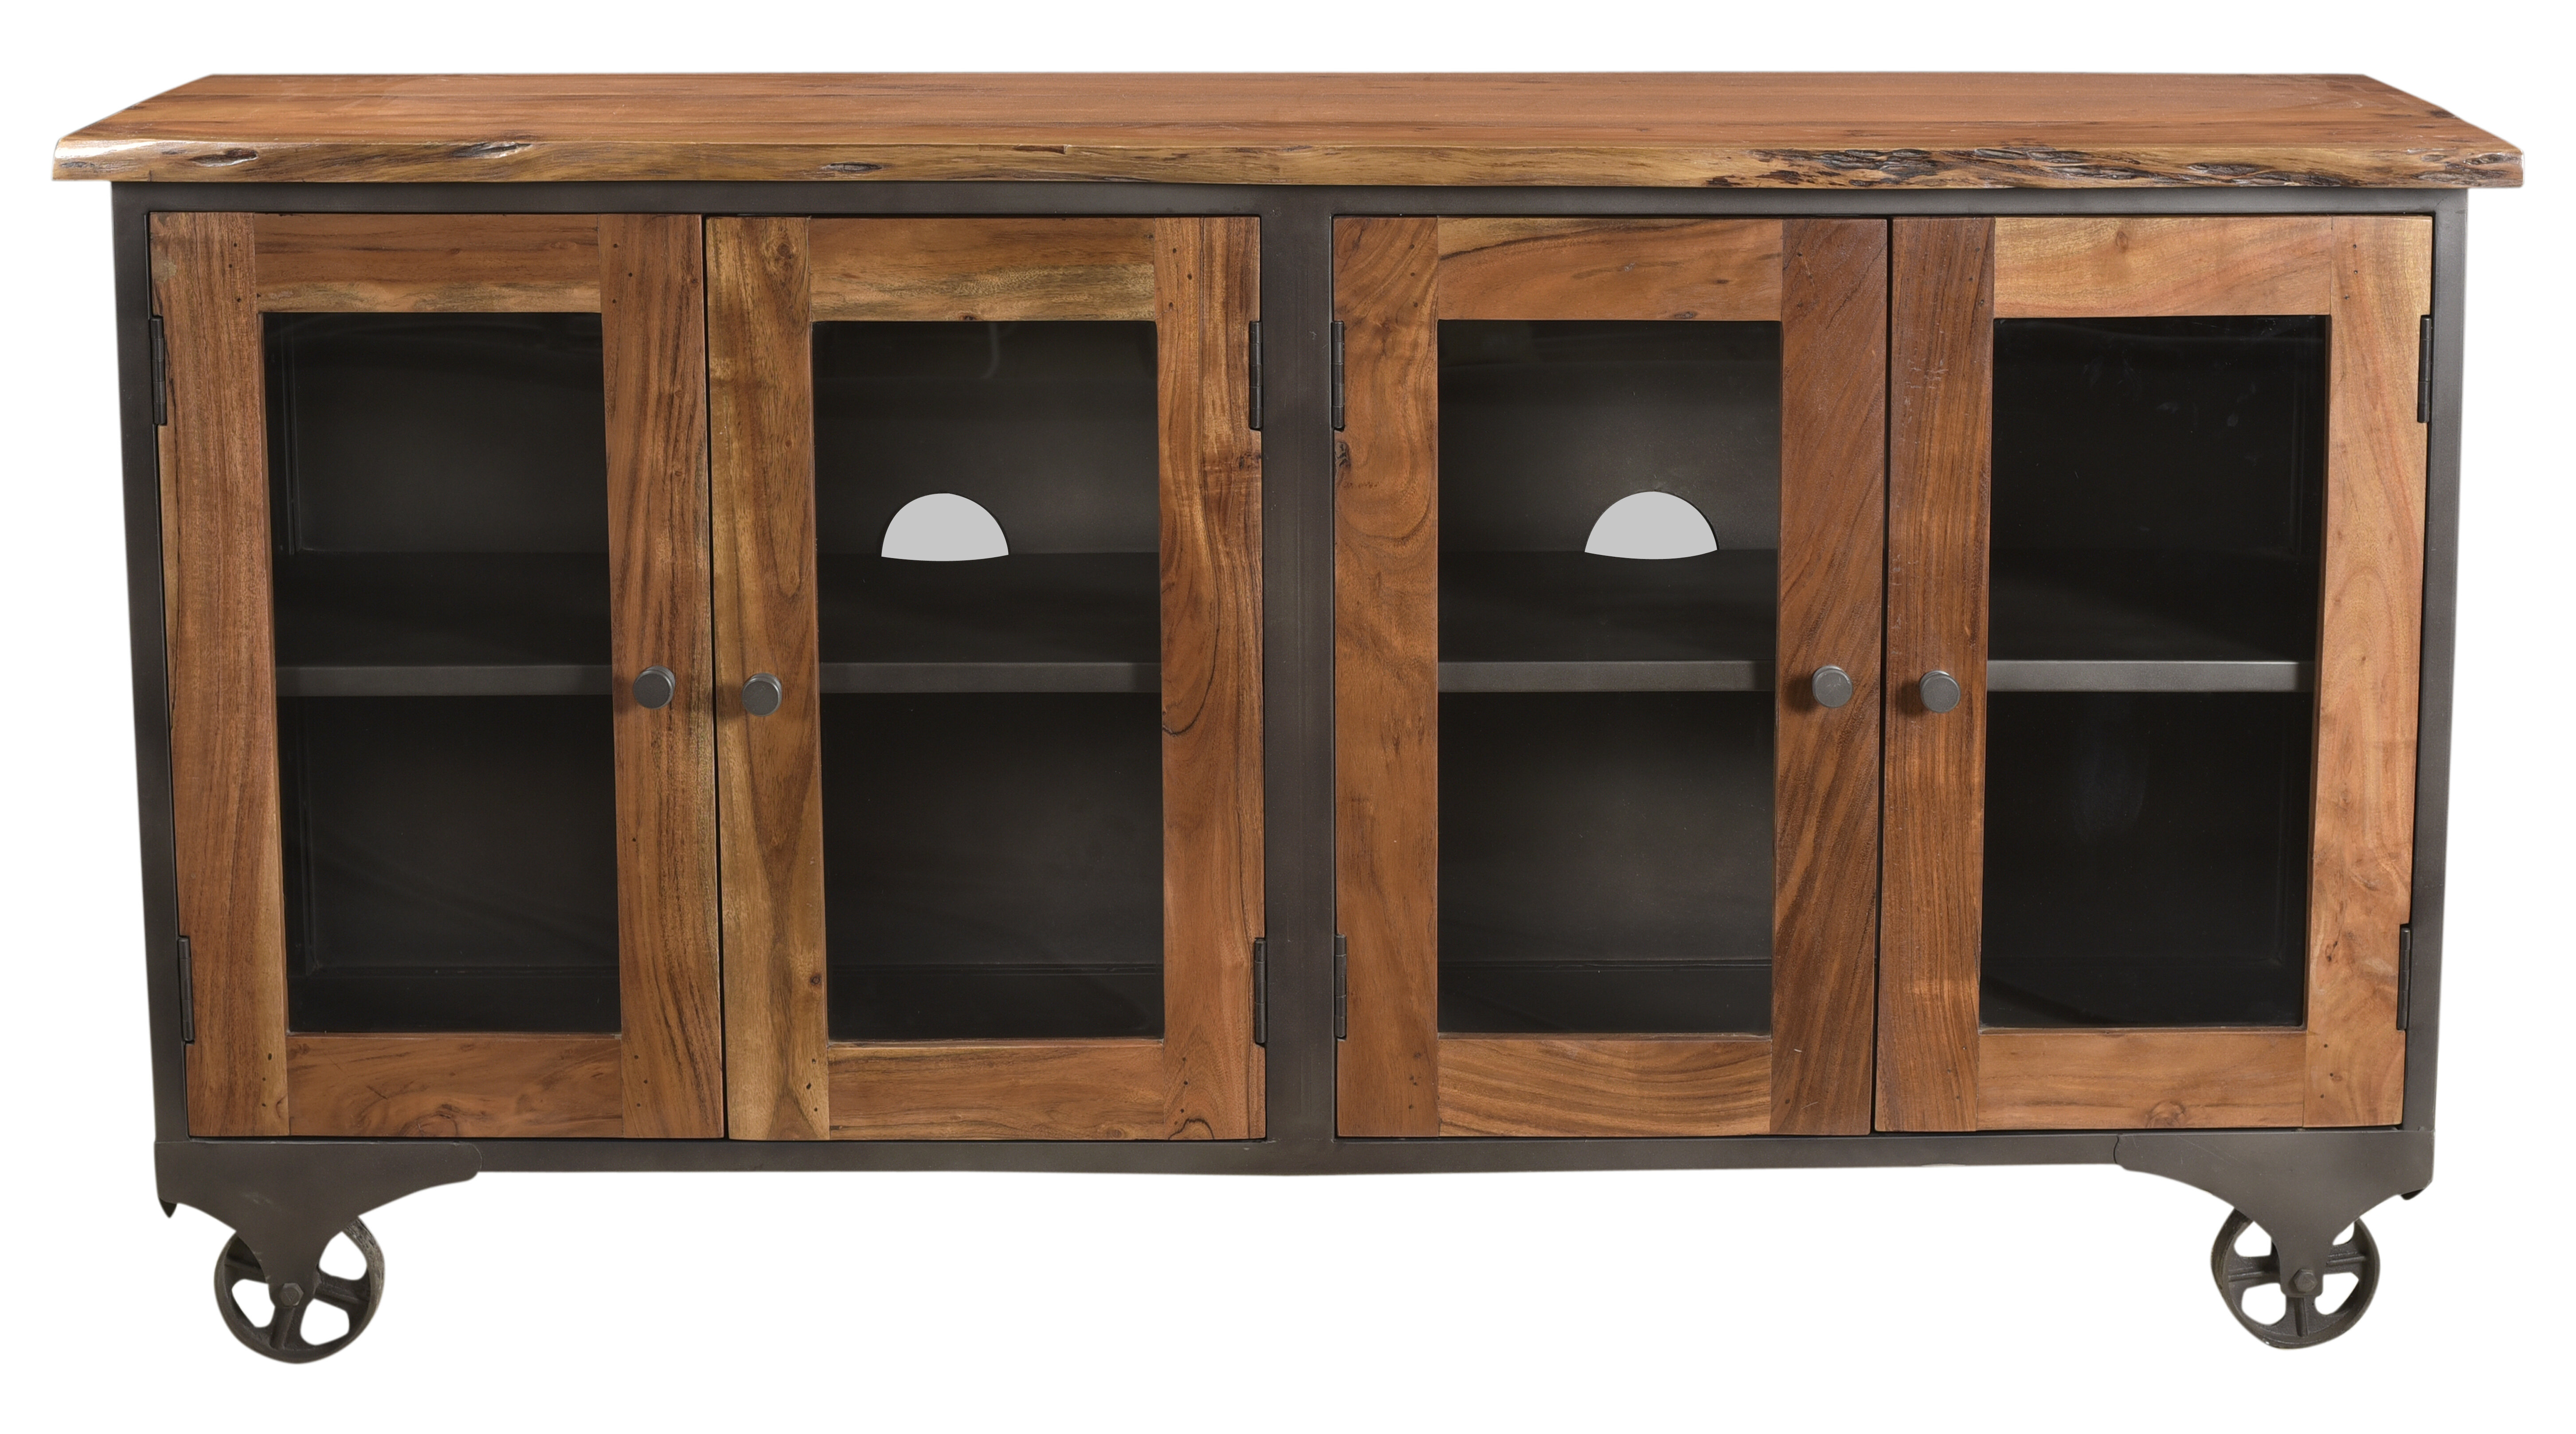 Hessler Sideboard intended for Arminta Wood Sideboards (Image 11 of 30)